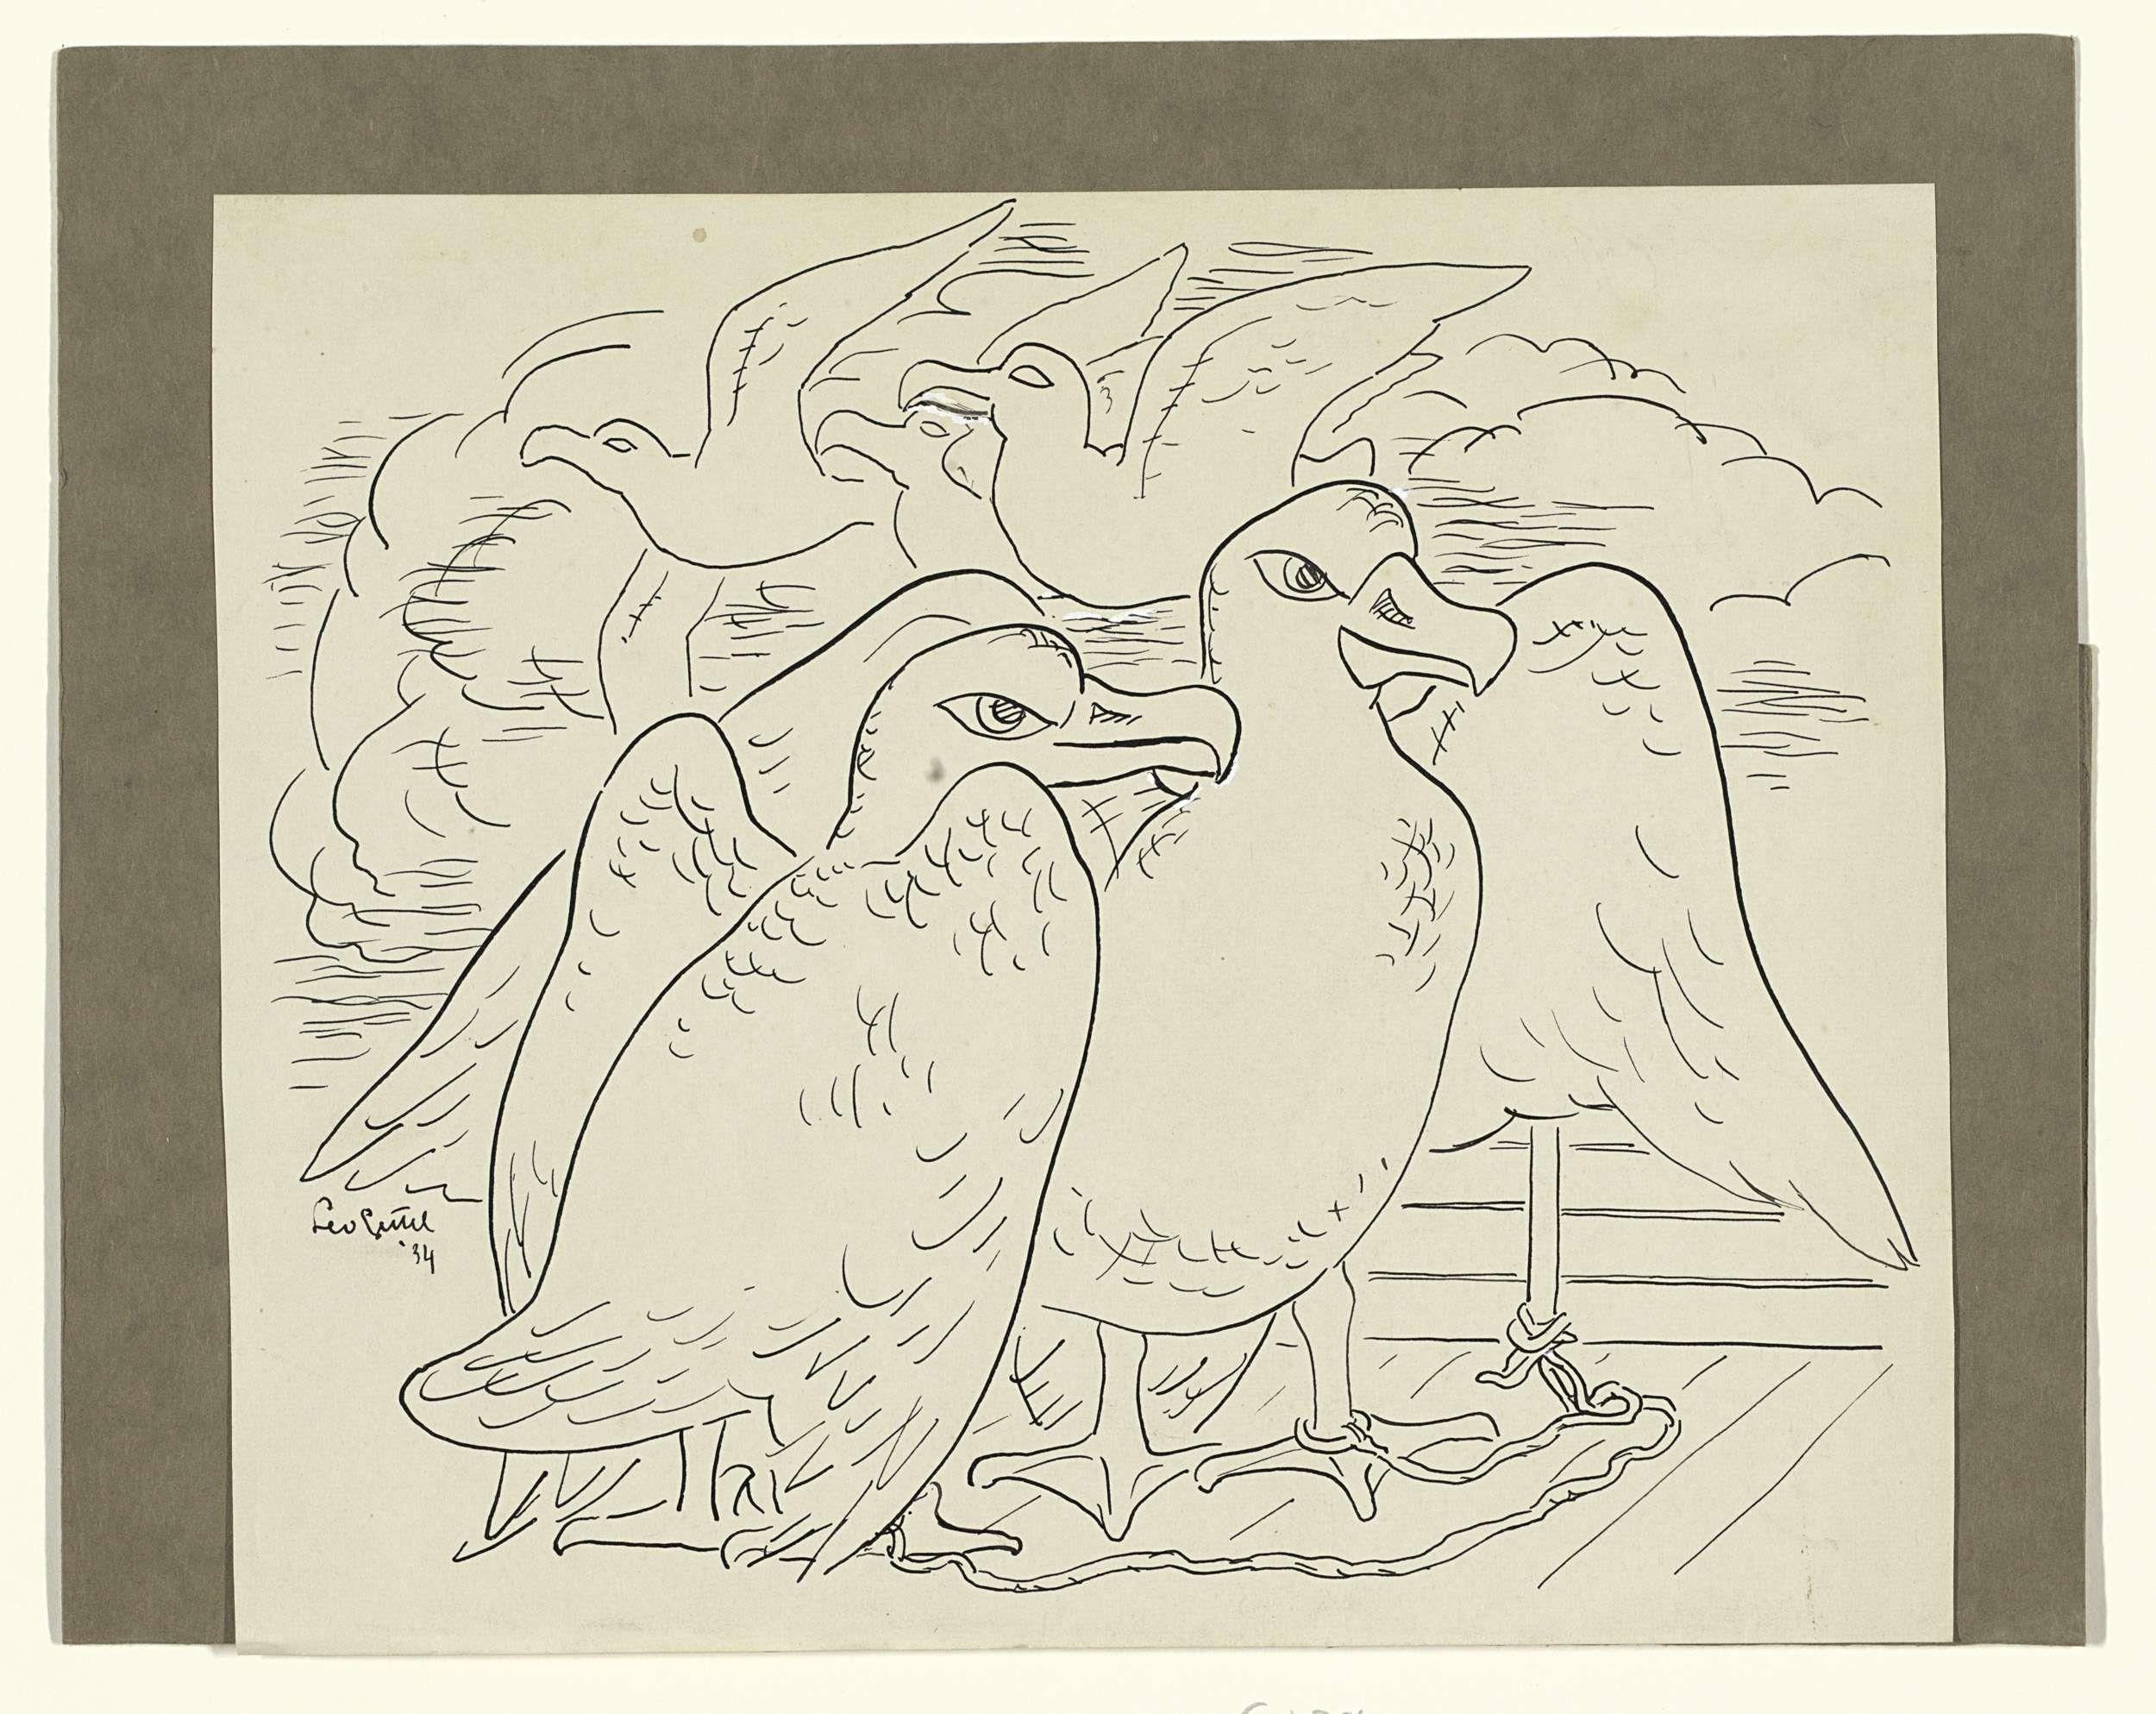 Leo Gestel | Tekening voor Baudelaire's 'L'Albatros', Leo Gestel, 1891 - 1941 | Ontwerp voor een prent.